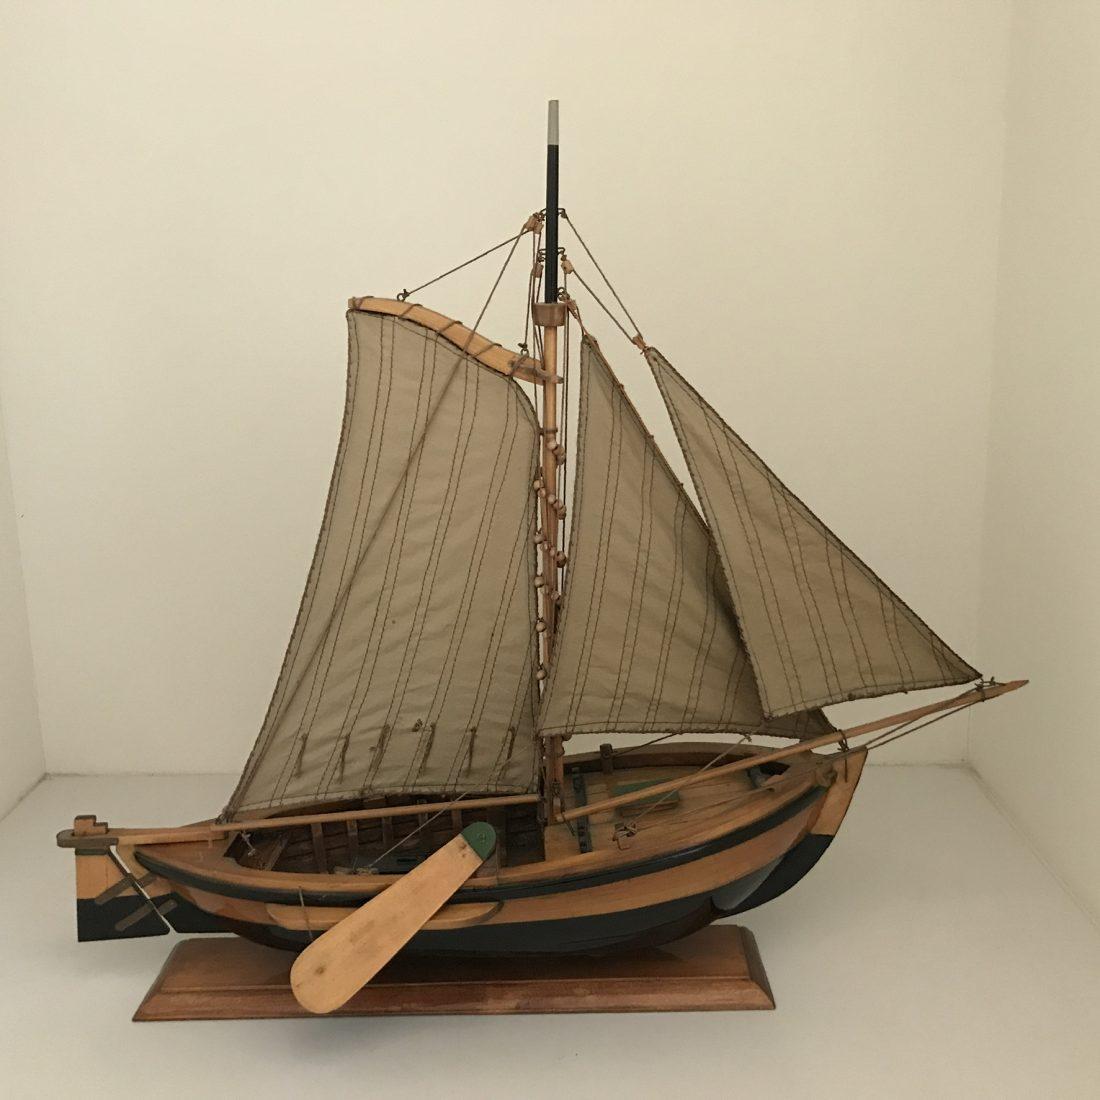 Mahoniehouten zeilboot met linnen mast, Nederland, begin 20e eeuw